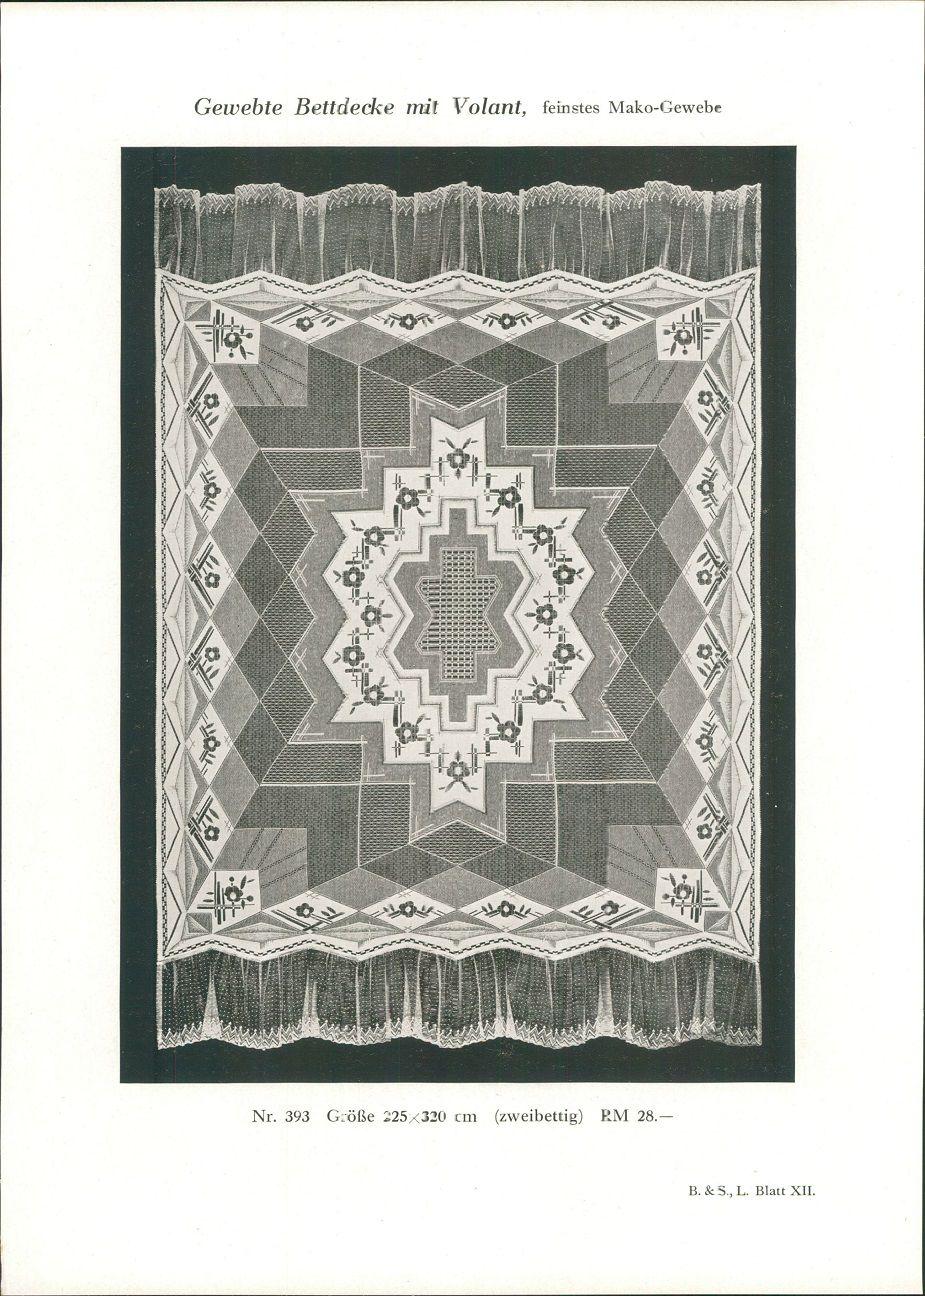 1928 - Druck nach Photographie: Gewebte Bettdecke mit Volant, feinstes Mako-Gewebe Nr. 393: Größe 225x320 cm (zweibettig) RM 28.-. B. & S. L. Blatt XII.